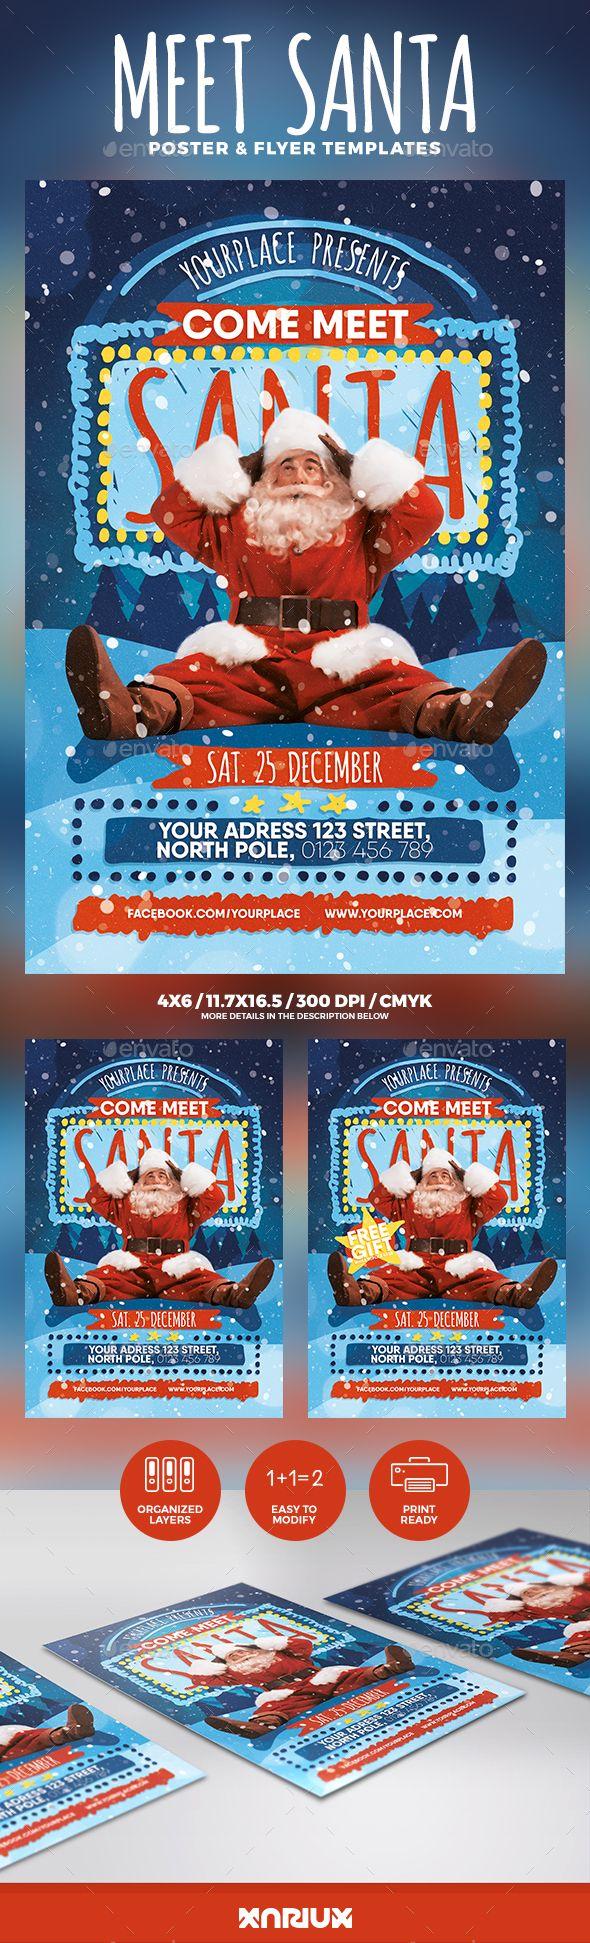 Meet Santa Flyer & Poster Template